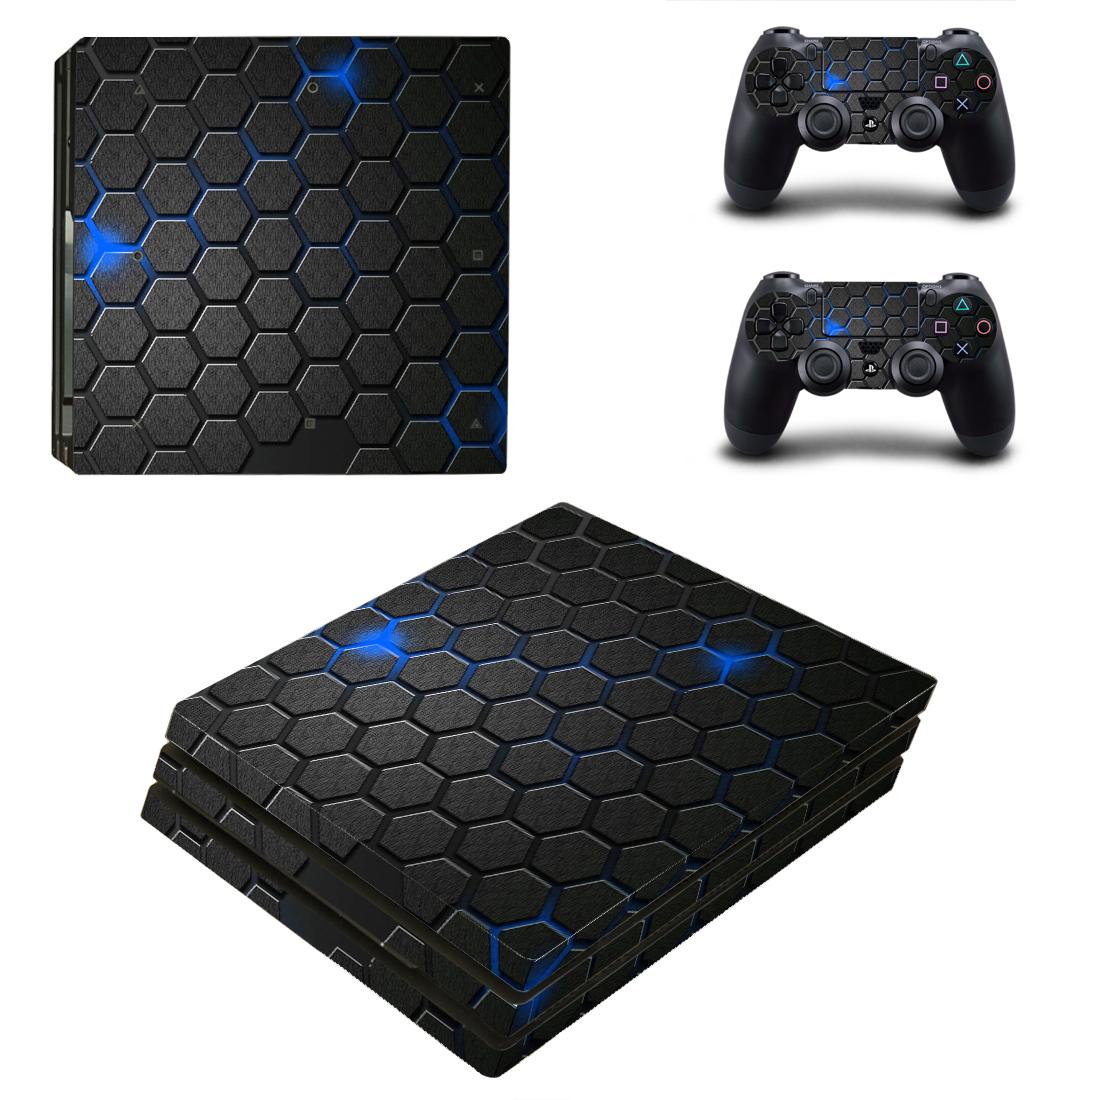 PS4PRO机身贴纸PS4防刮防水防尘动漫彩图PS4pro静电贴送摇杆帽70